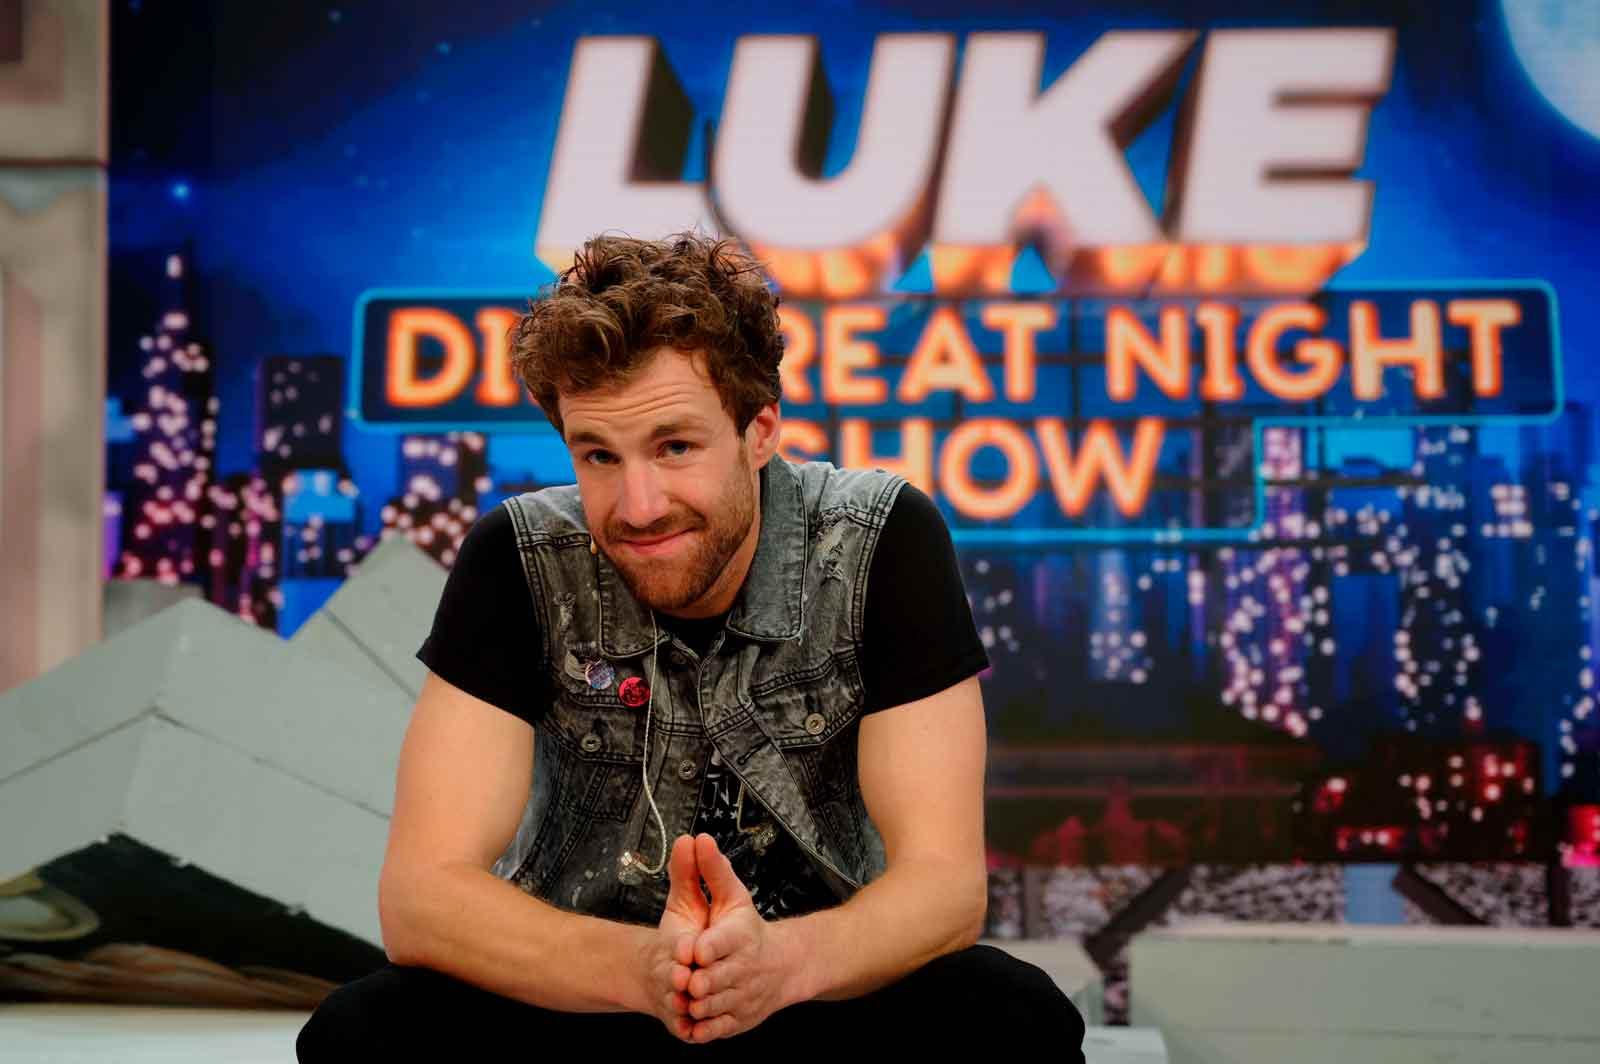 Der Komiker Luke Mockridge sitzt nach der ersten Folge von «LUKE! Die Greatnightshow» im Studio. picture alliance/dpa | Henning Kaiser